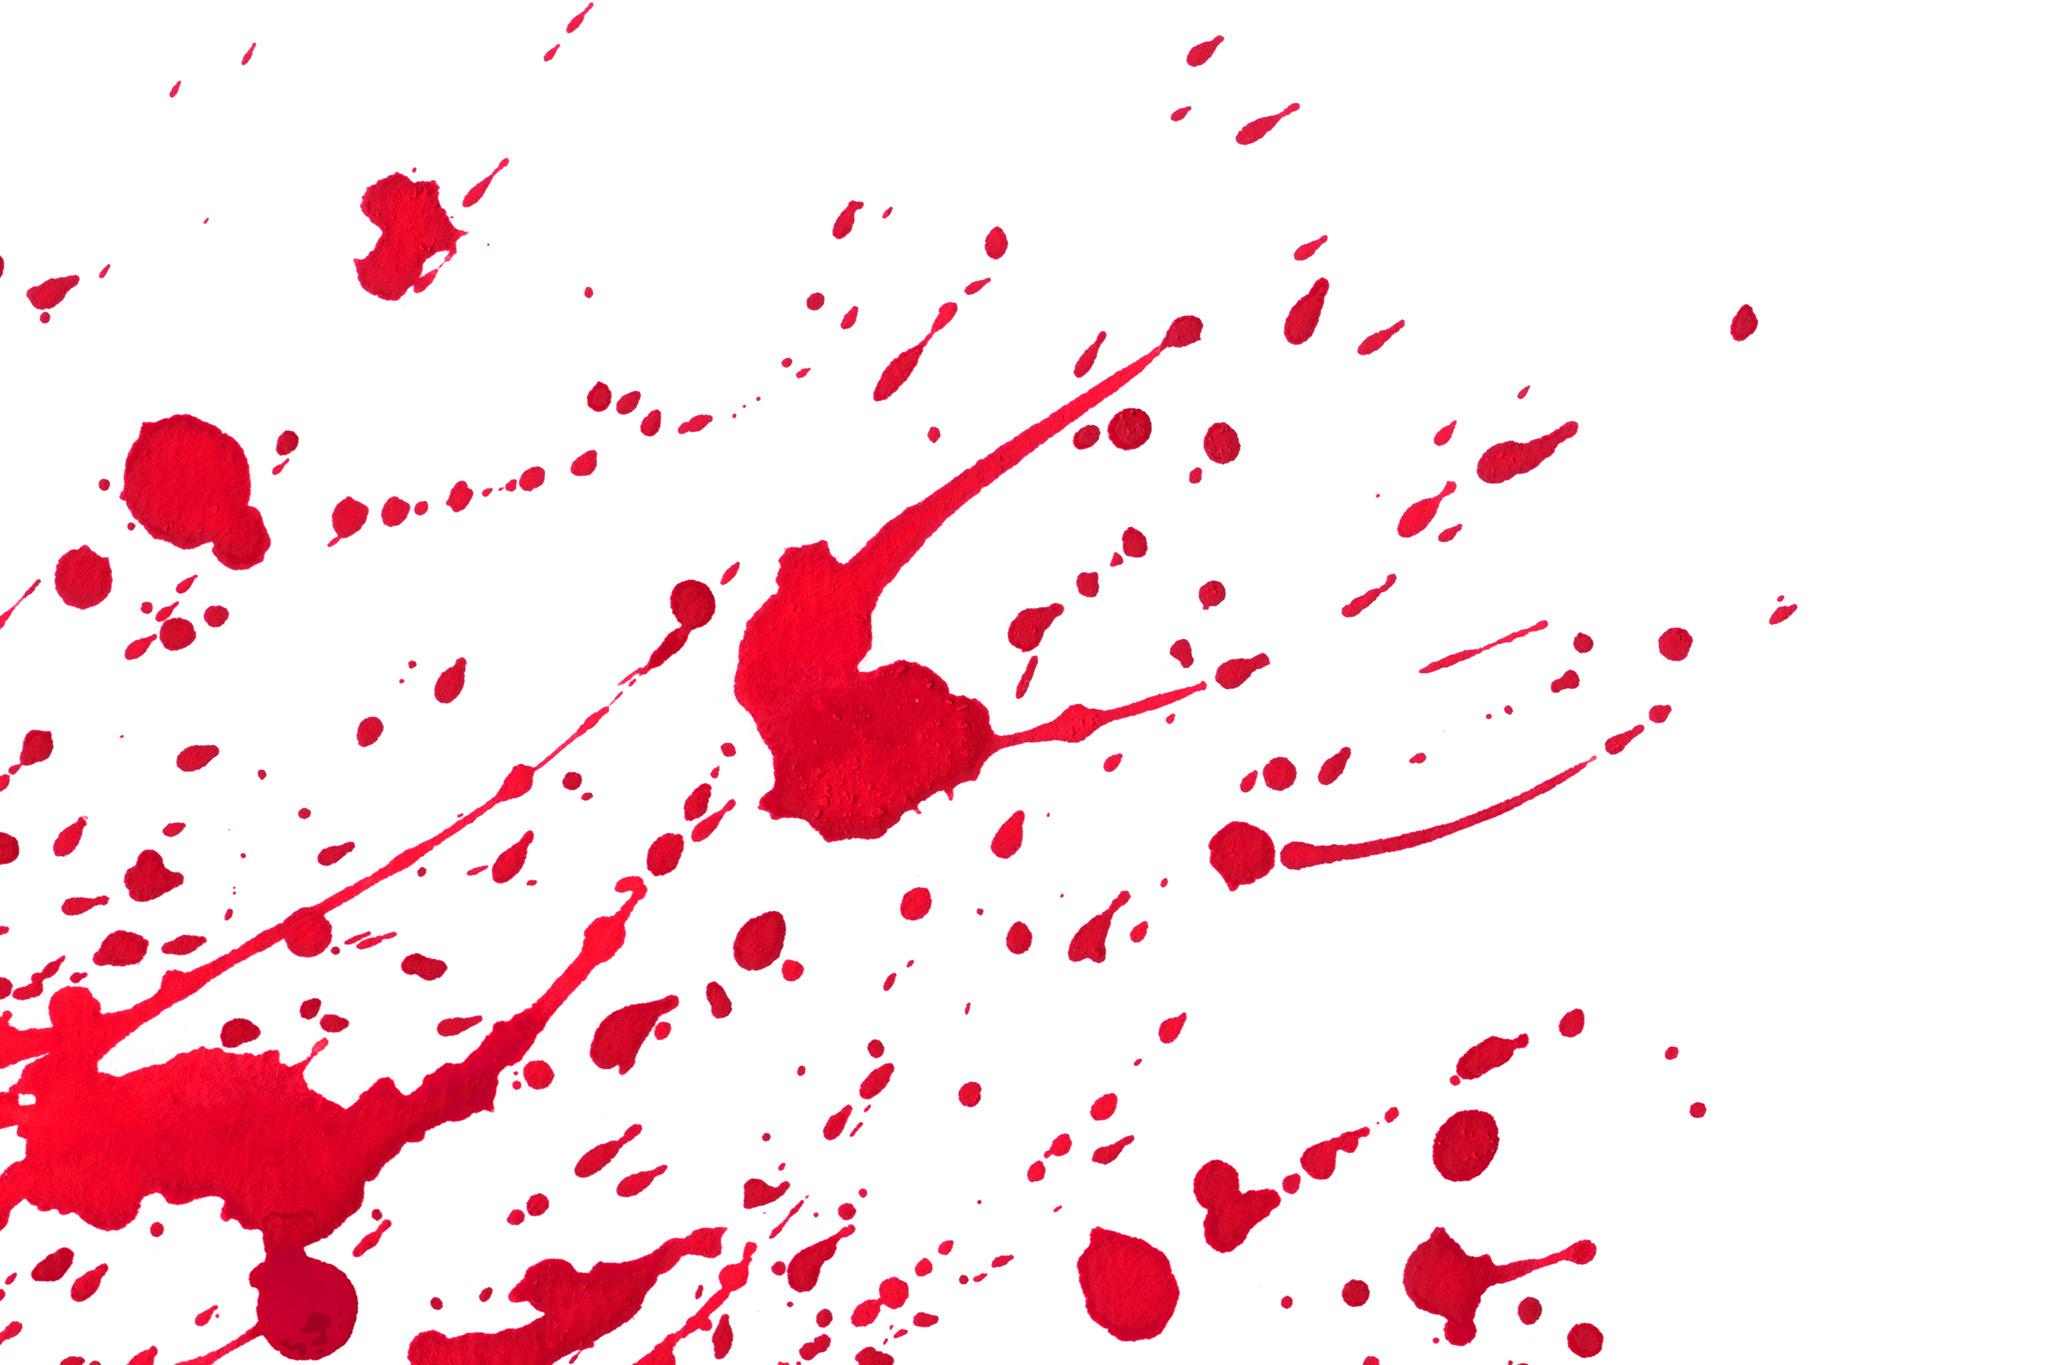 「返り血のような赤い絵具の模様」